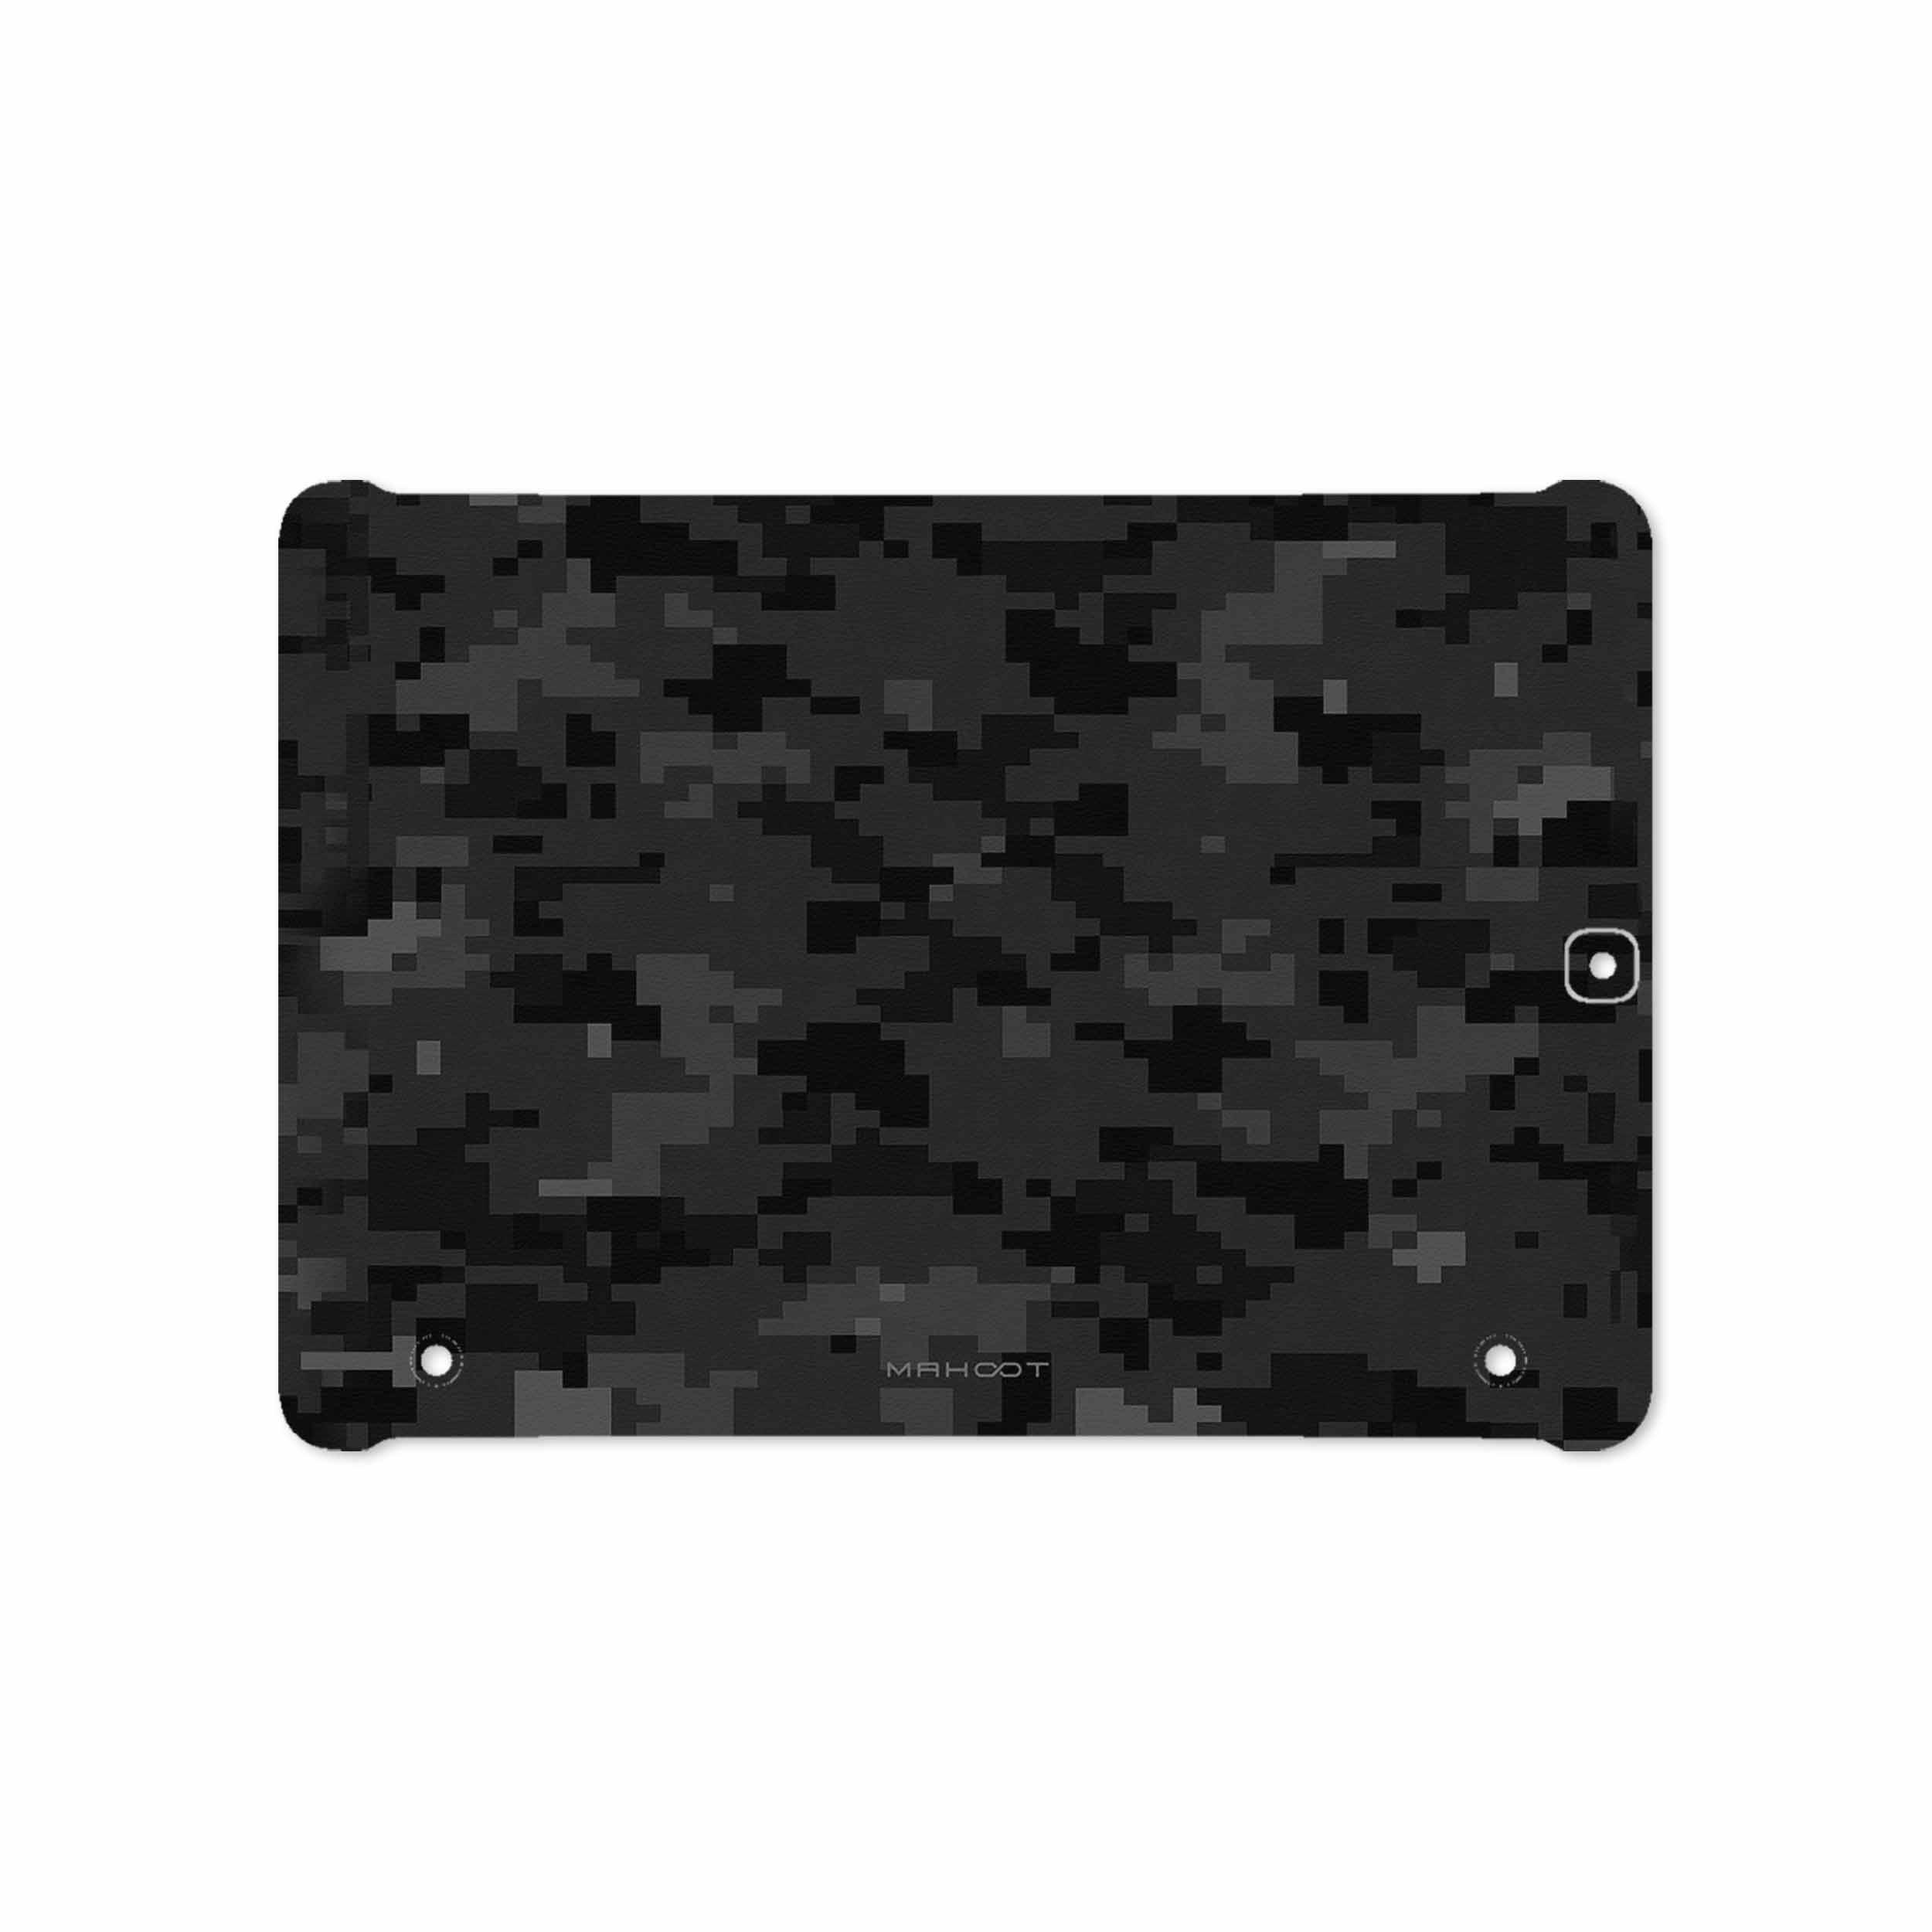 بررسی و خرید [با تخفیف]                                     برچسب پوششی ماهوت مدل Night-Army-Pixel مناسب برای تبلت سامسونگ Galaxy Tab S2 9.7 2015 T810                             اورجینال